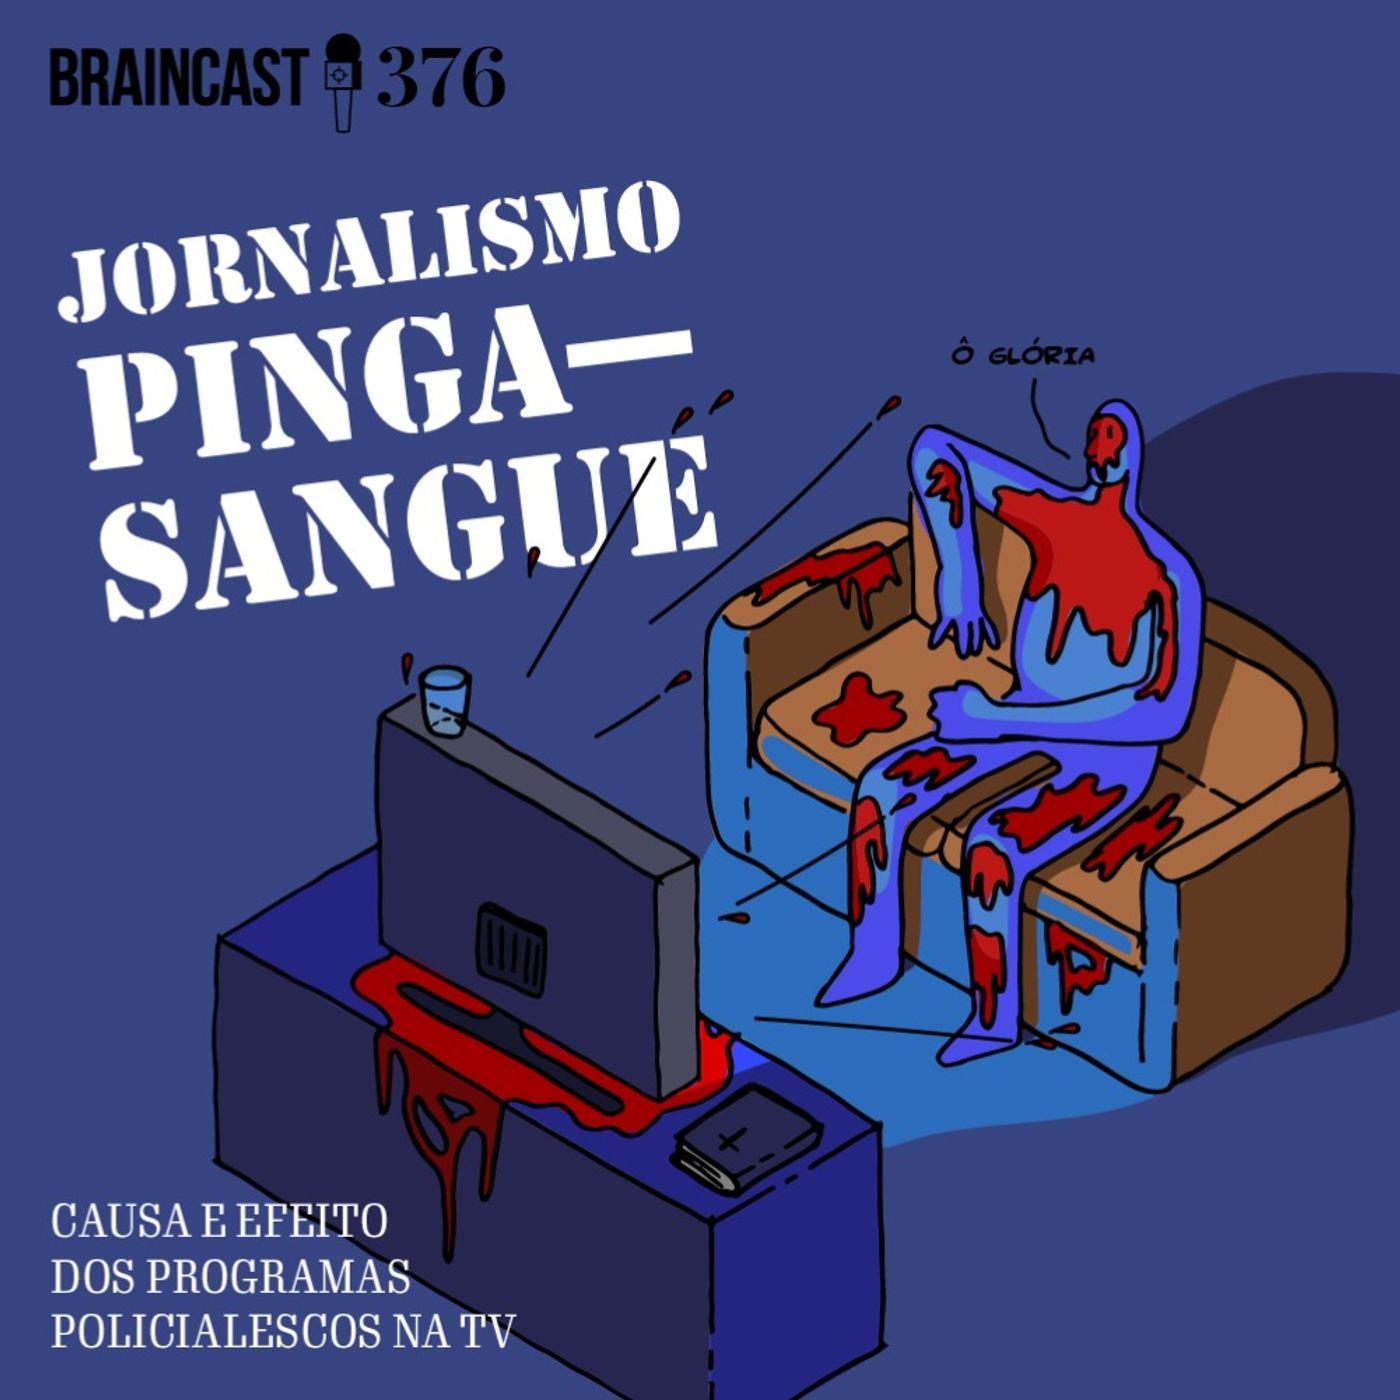 Jornalismo Pinga-Sangue: causa e efeito dos programas policialescos na TV